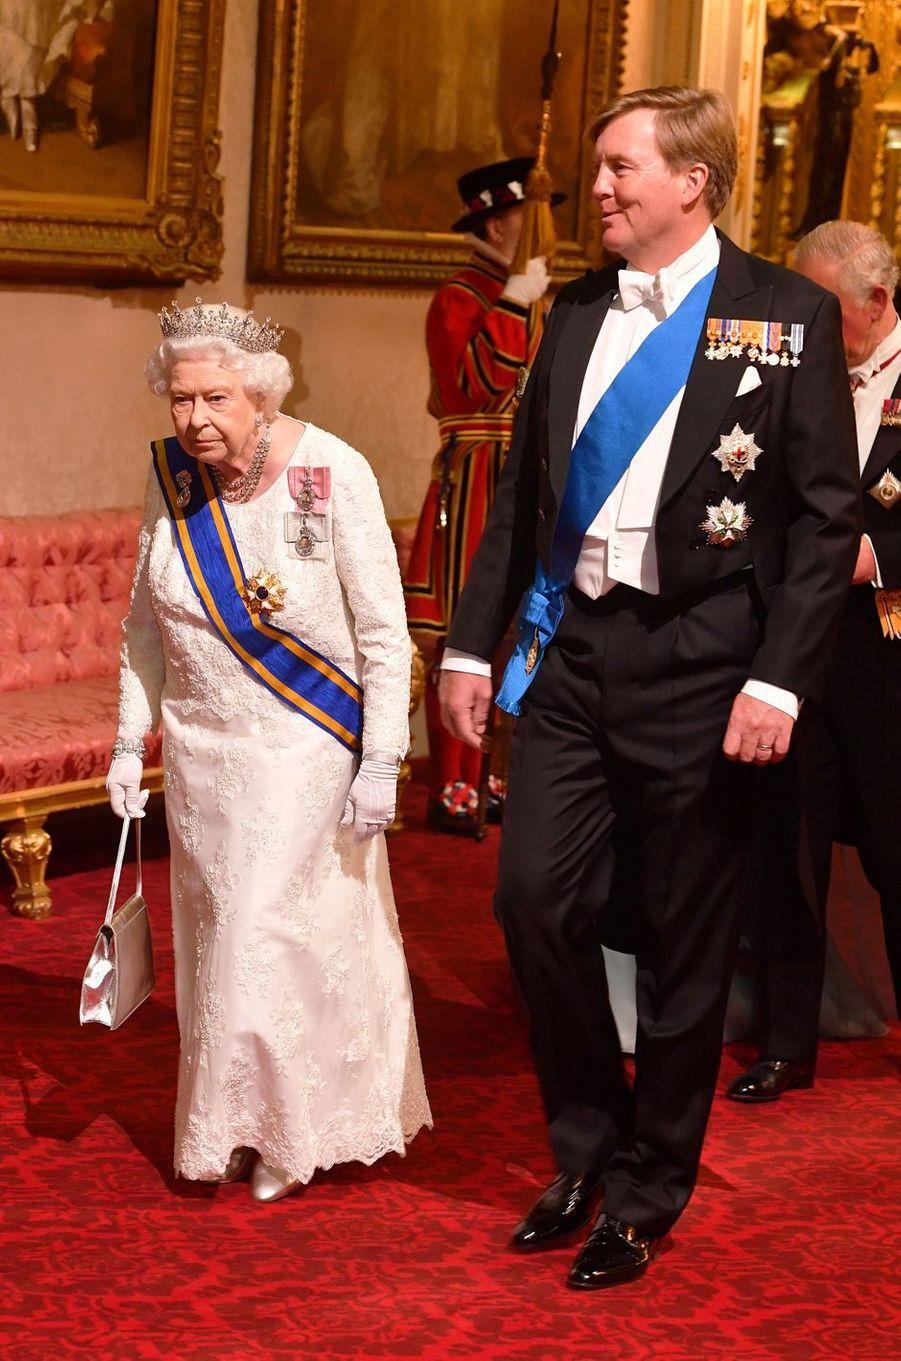 La reine d'Angleterre Elizabeth II et le roi Willem-Alexander des Pays-Bas à Londres, le 23 octobre 2018